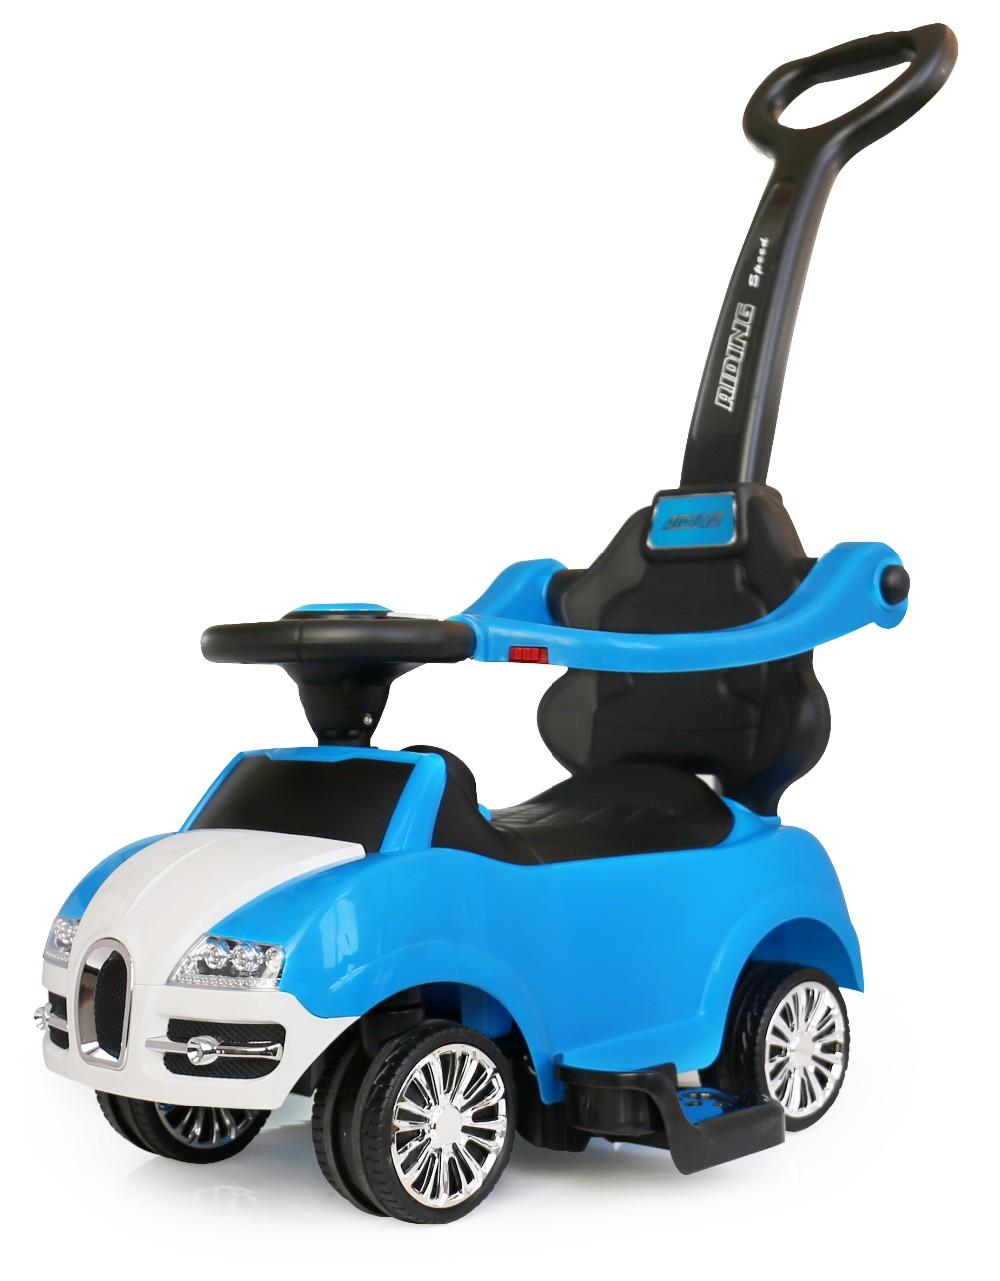 Детский езды на автомобиле/толкать автомобиль от QCBABY Оптовая продажа, изготовление, производство